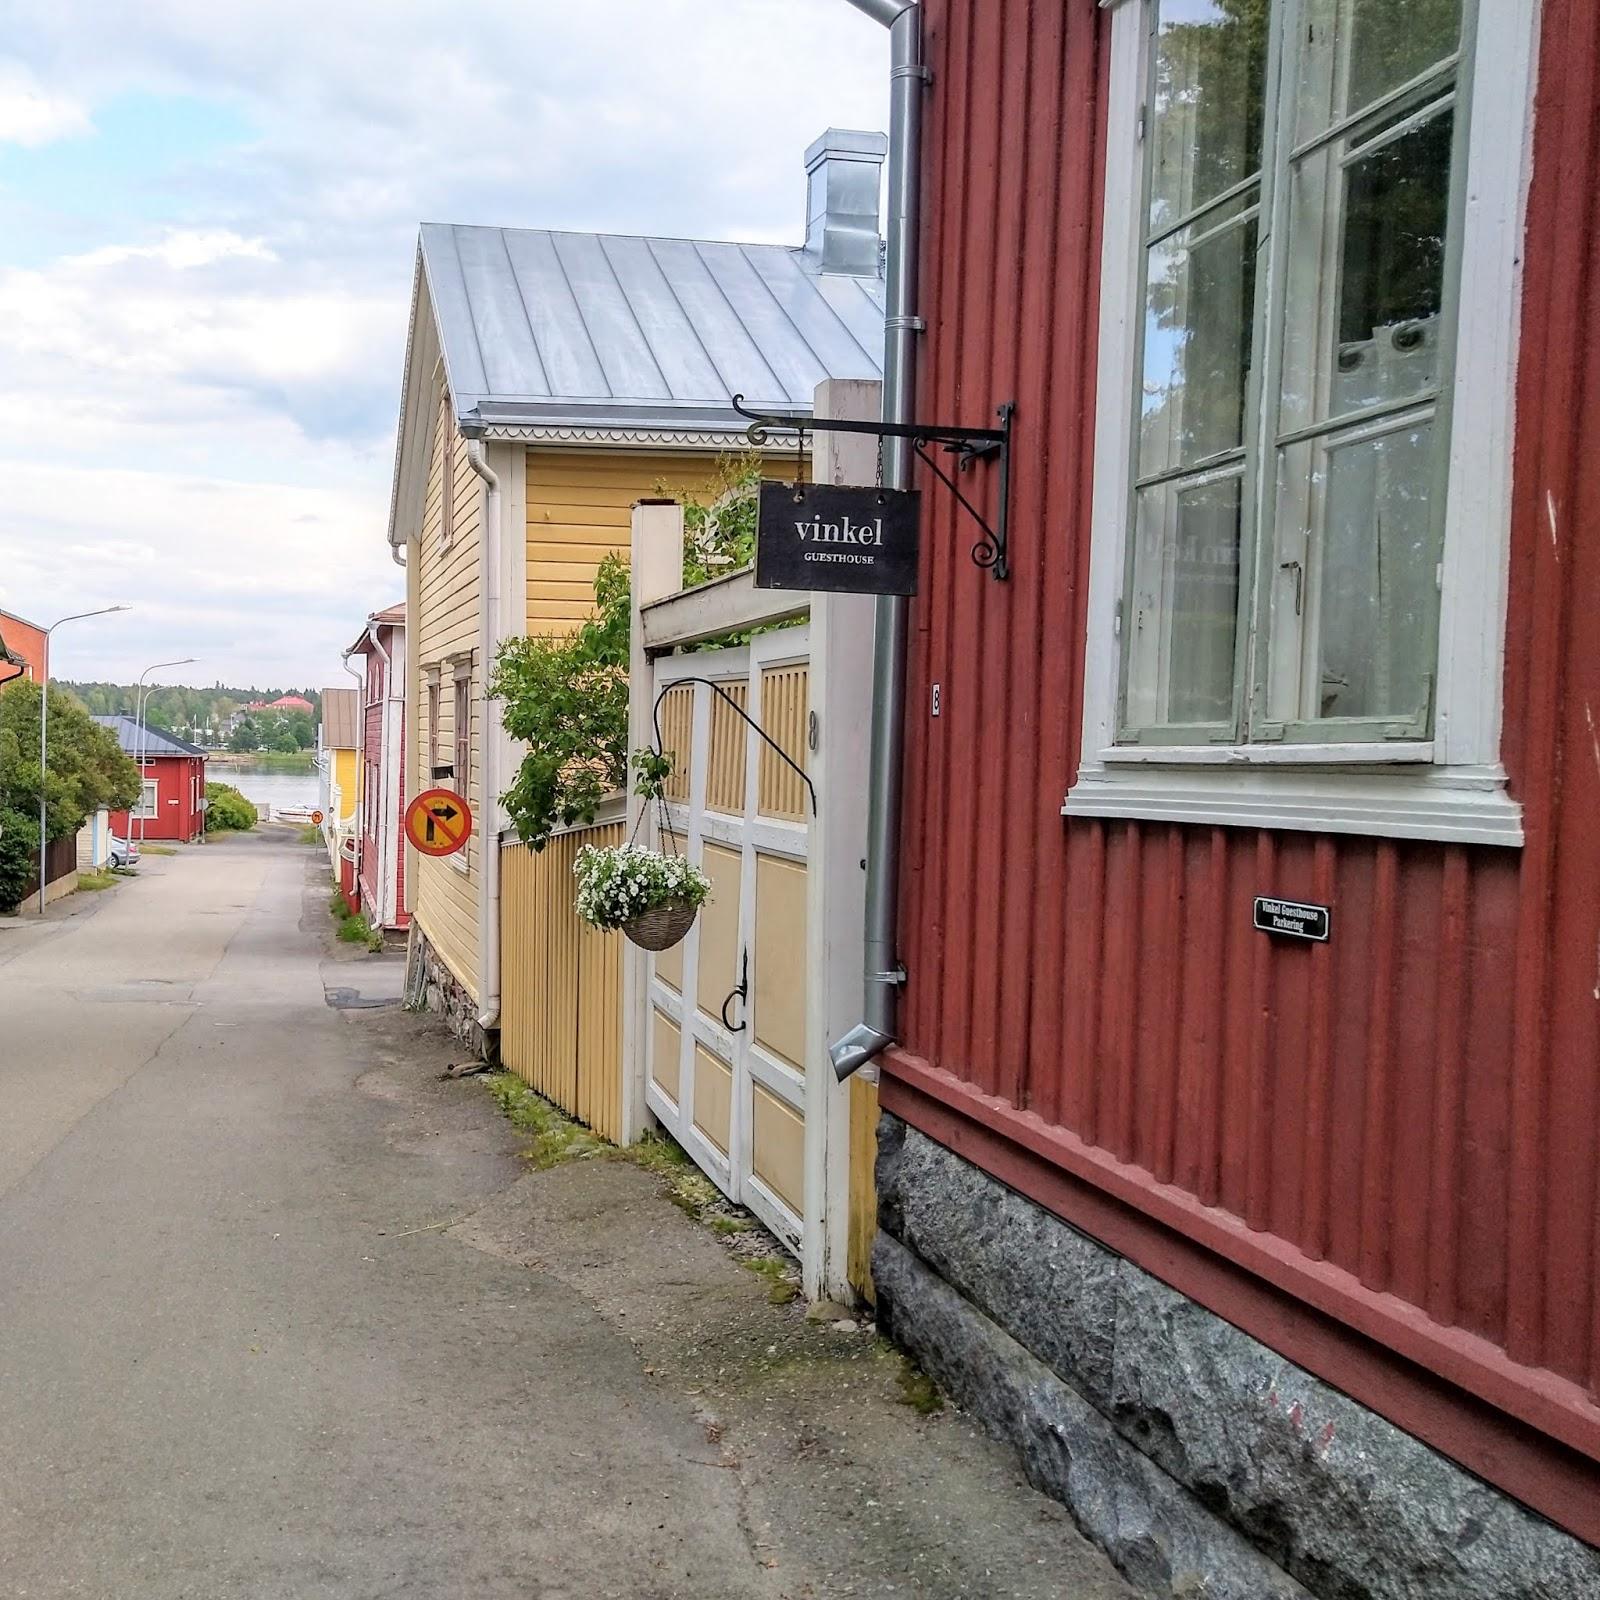 norska tjejer söker män i kristinestad